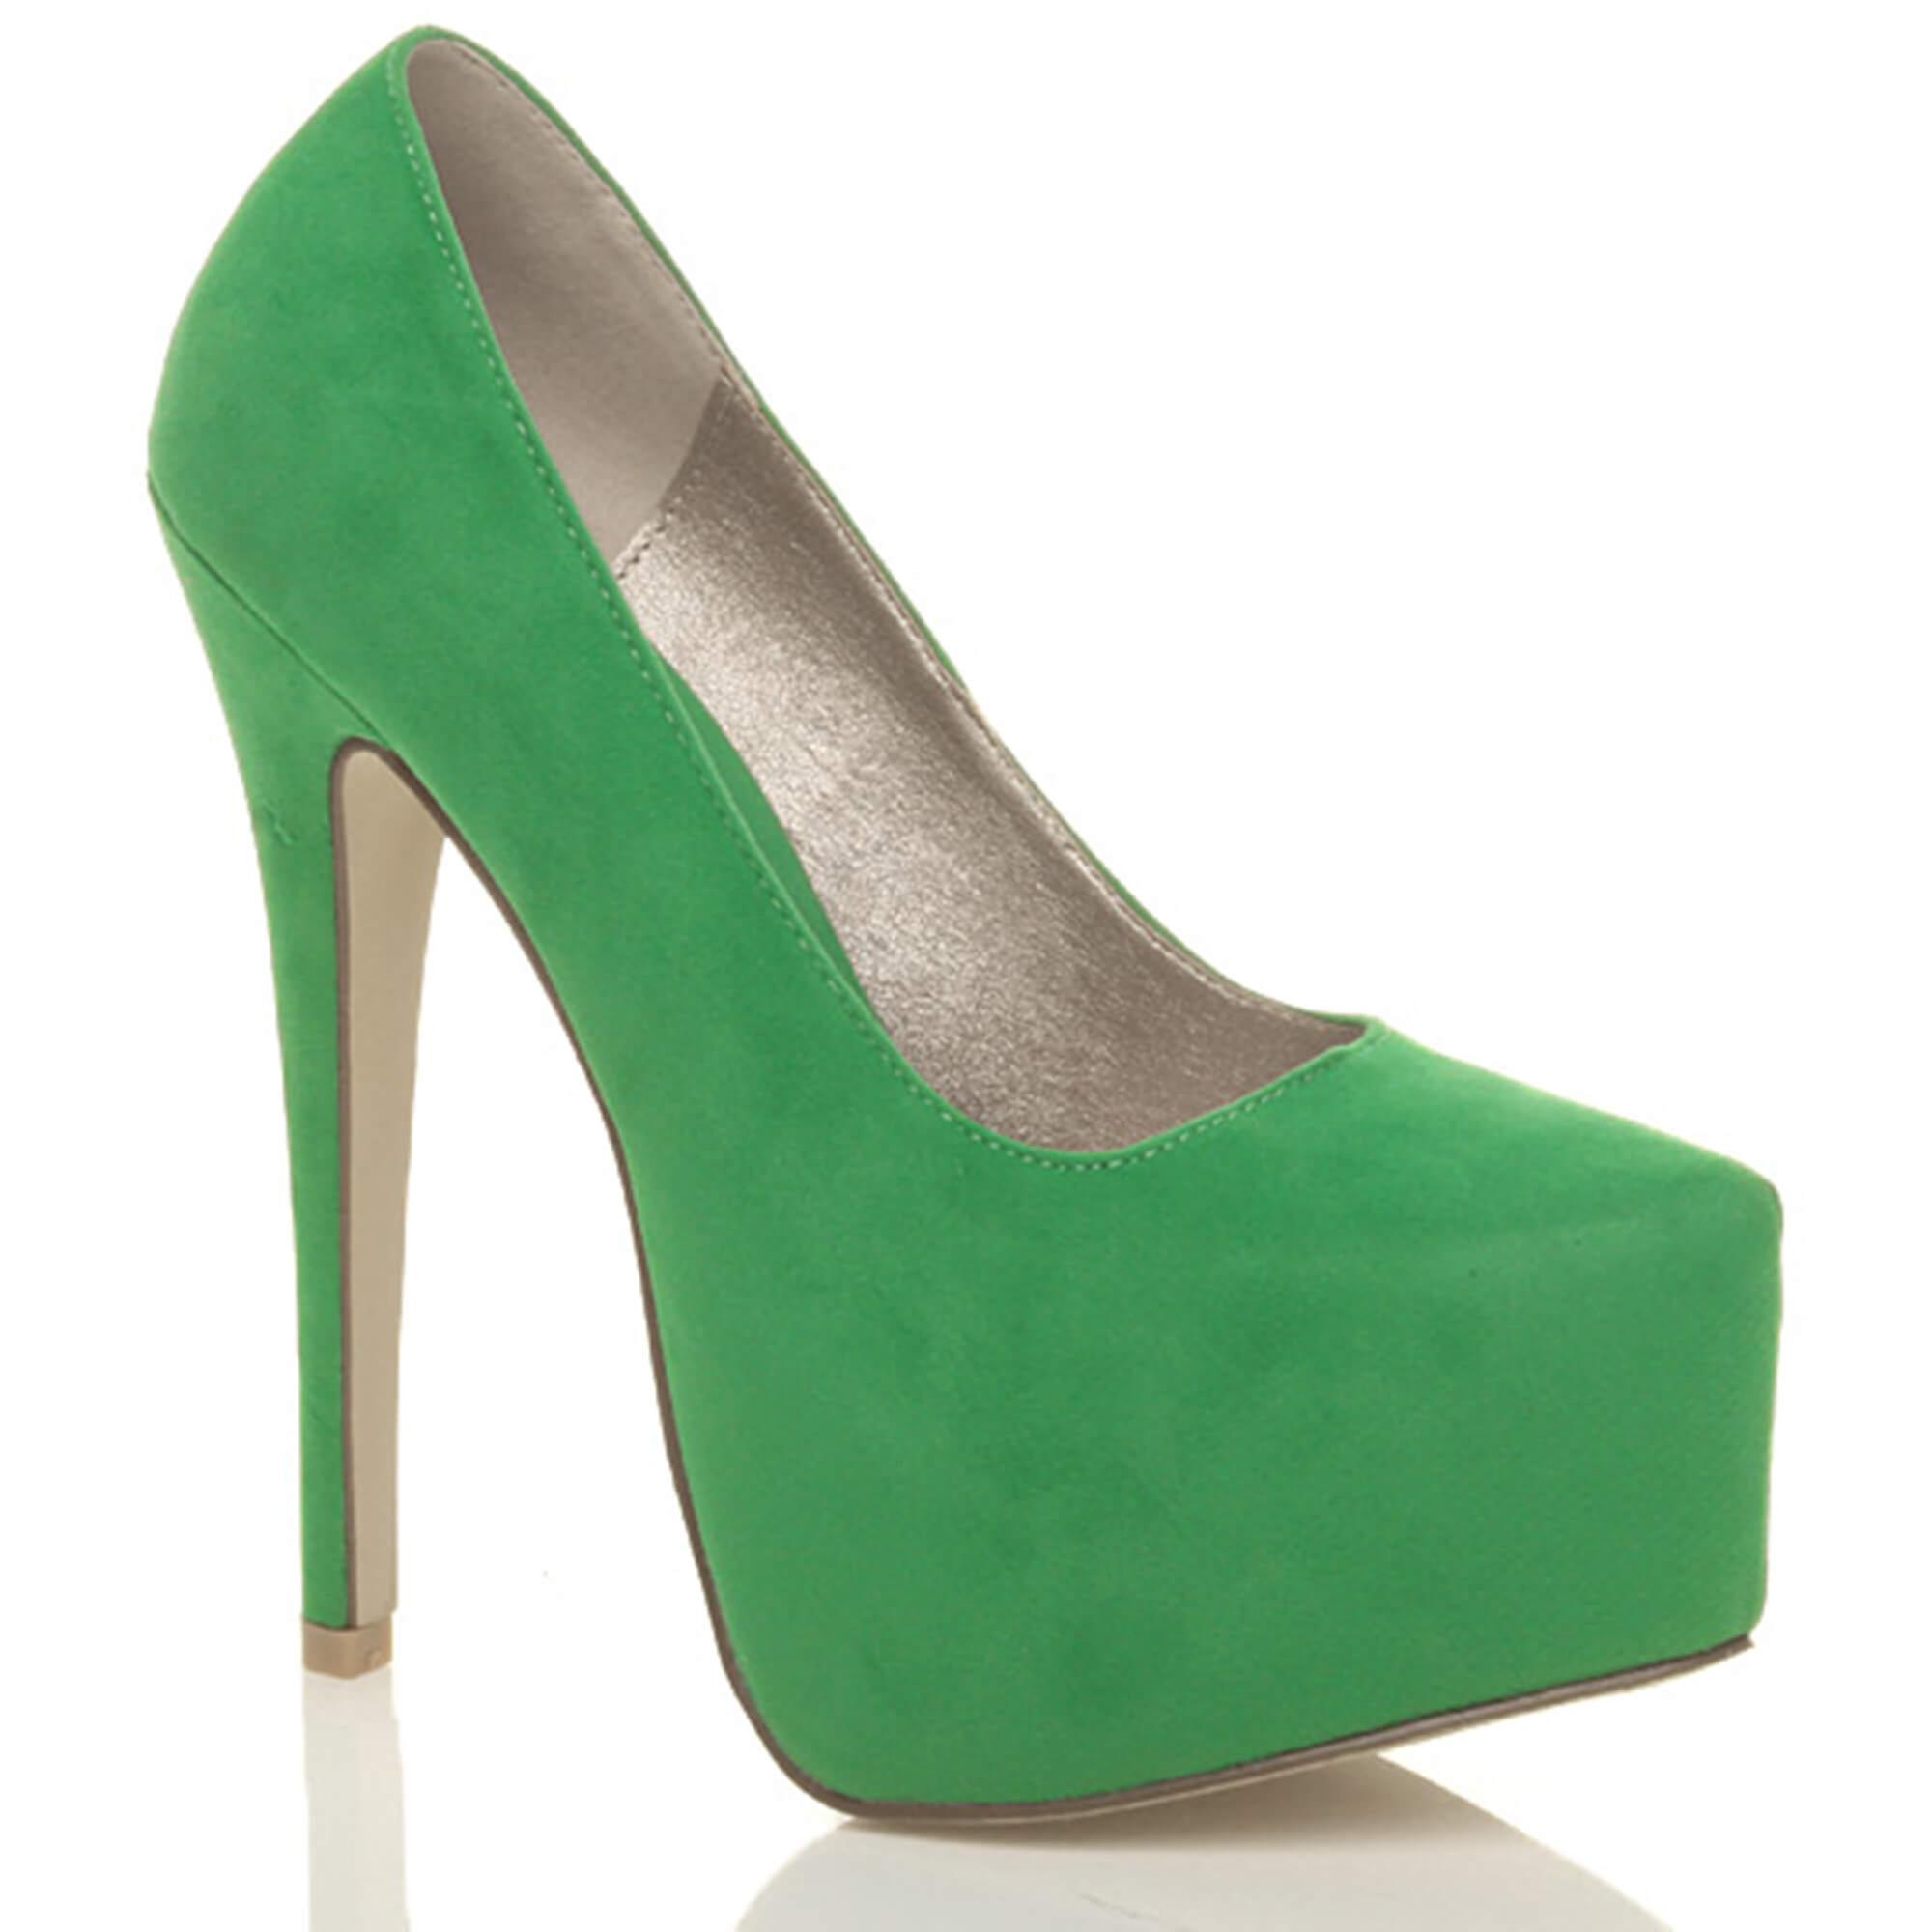 Ajvani damskie wysokie szpilki ukryte pompy buty platformy strony sądu QOJaa